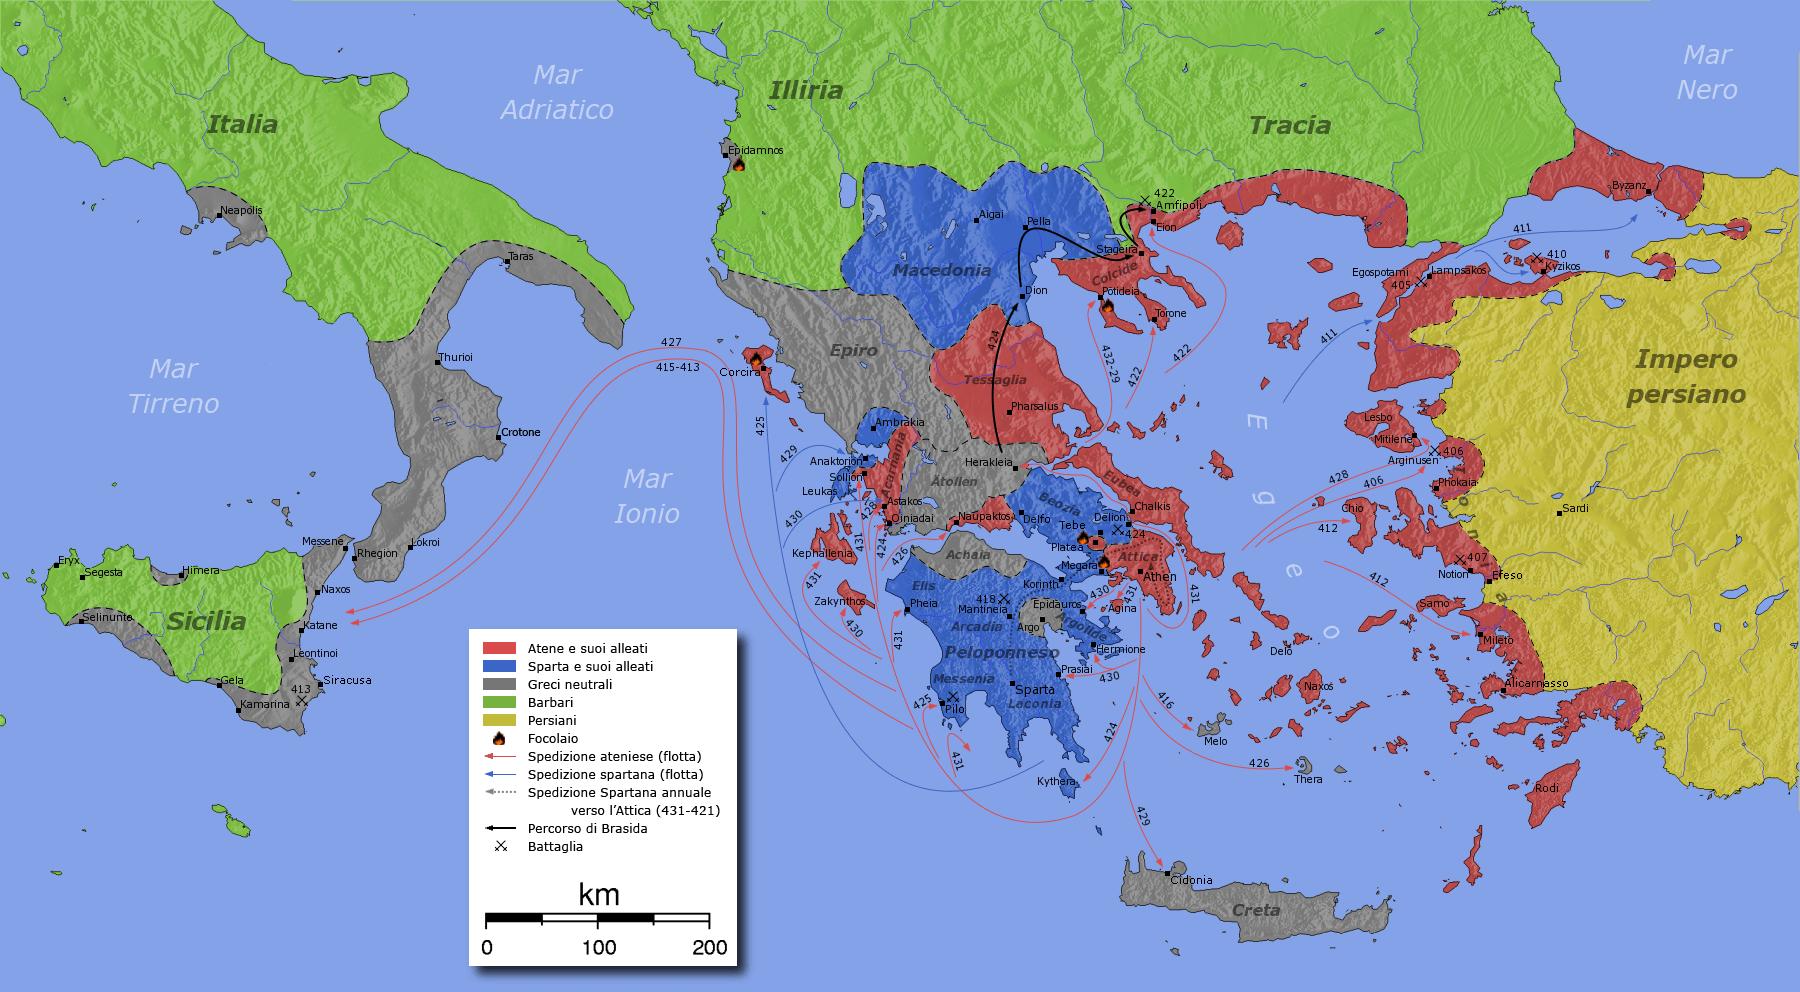 O Θουκυδίδης, η προέλευση των Ελλήνων και το όνομα Ελλάς